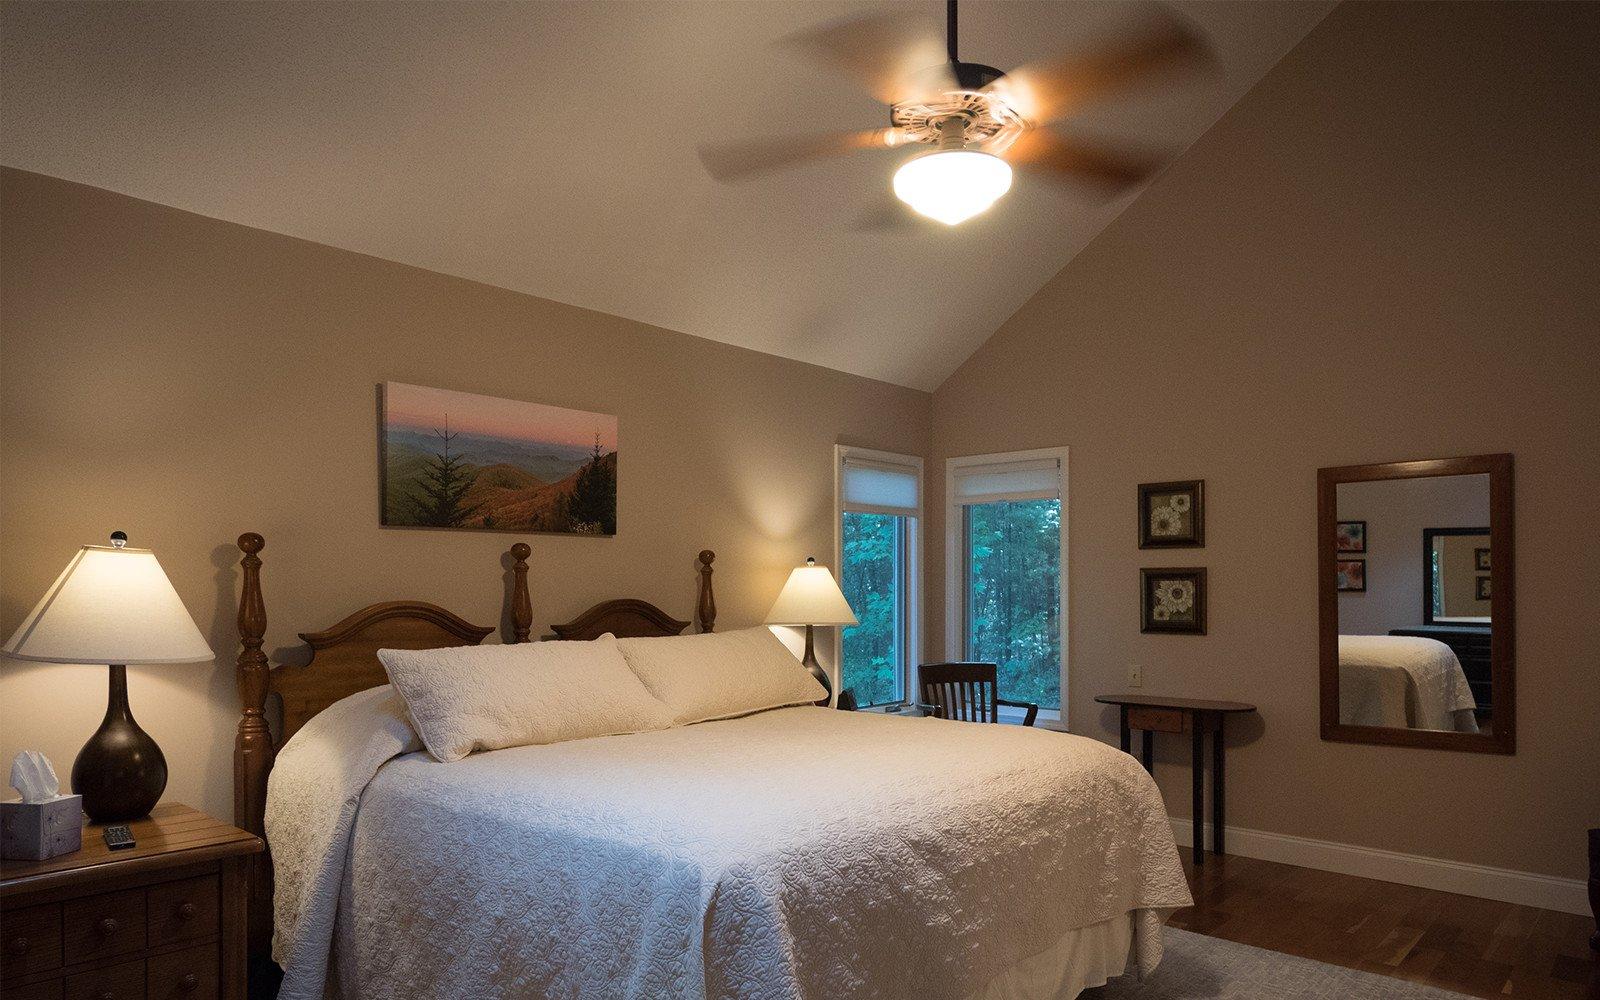 Hilt-Street-house-Master-bedroom-King